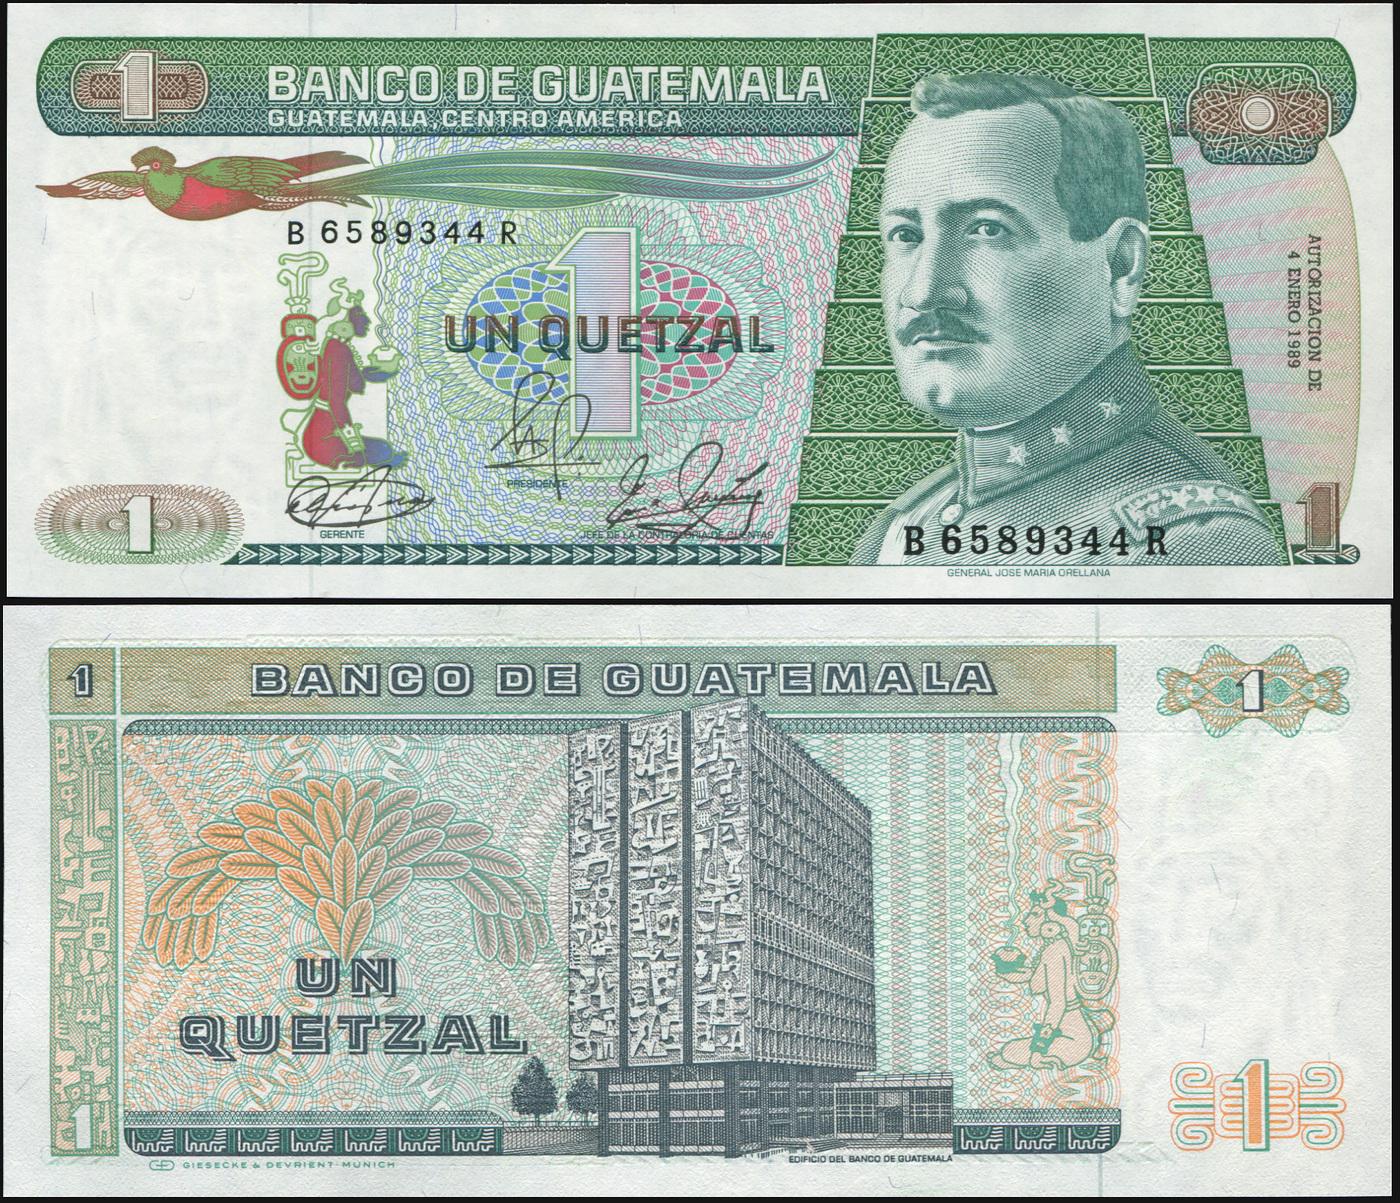 Банкнота. Гватемала 1 кетцаль. 07.01.1989 UNC. Кат.P.66 купюра 5 кетцаль гватемала 2008 год